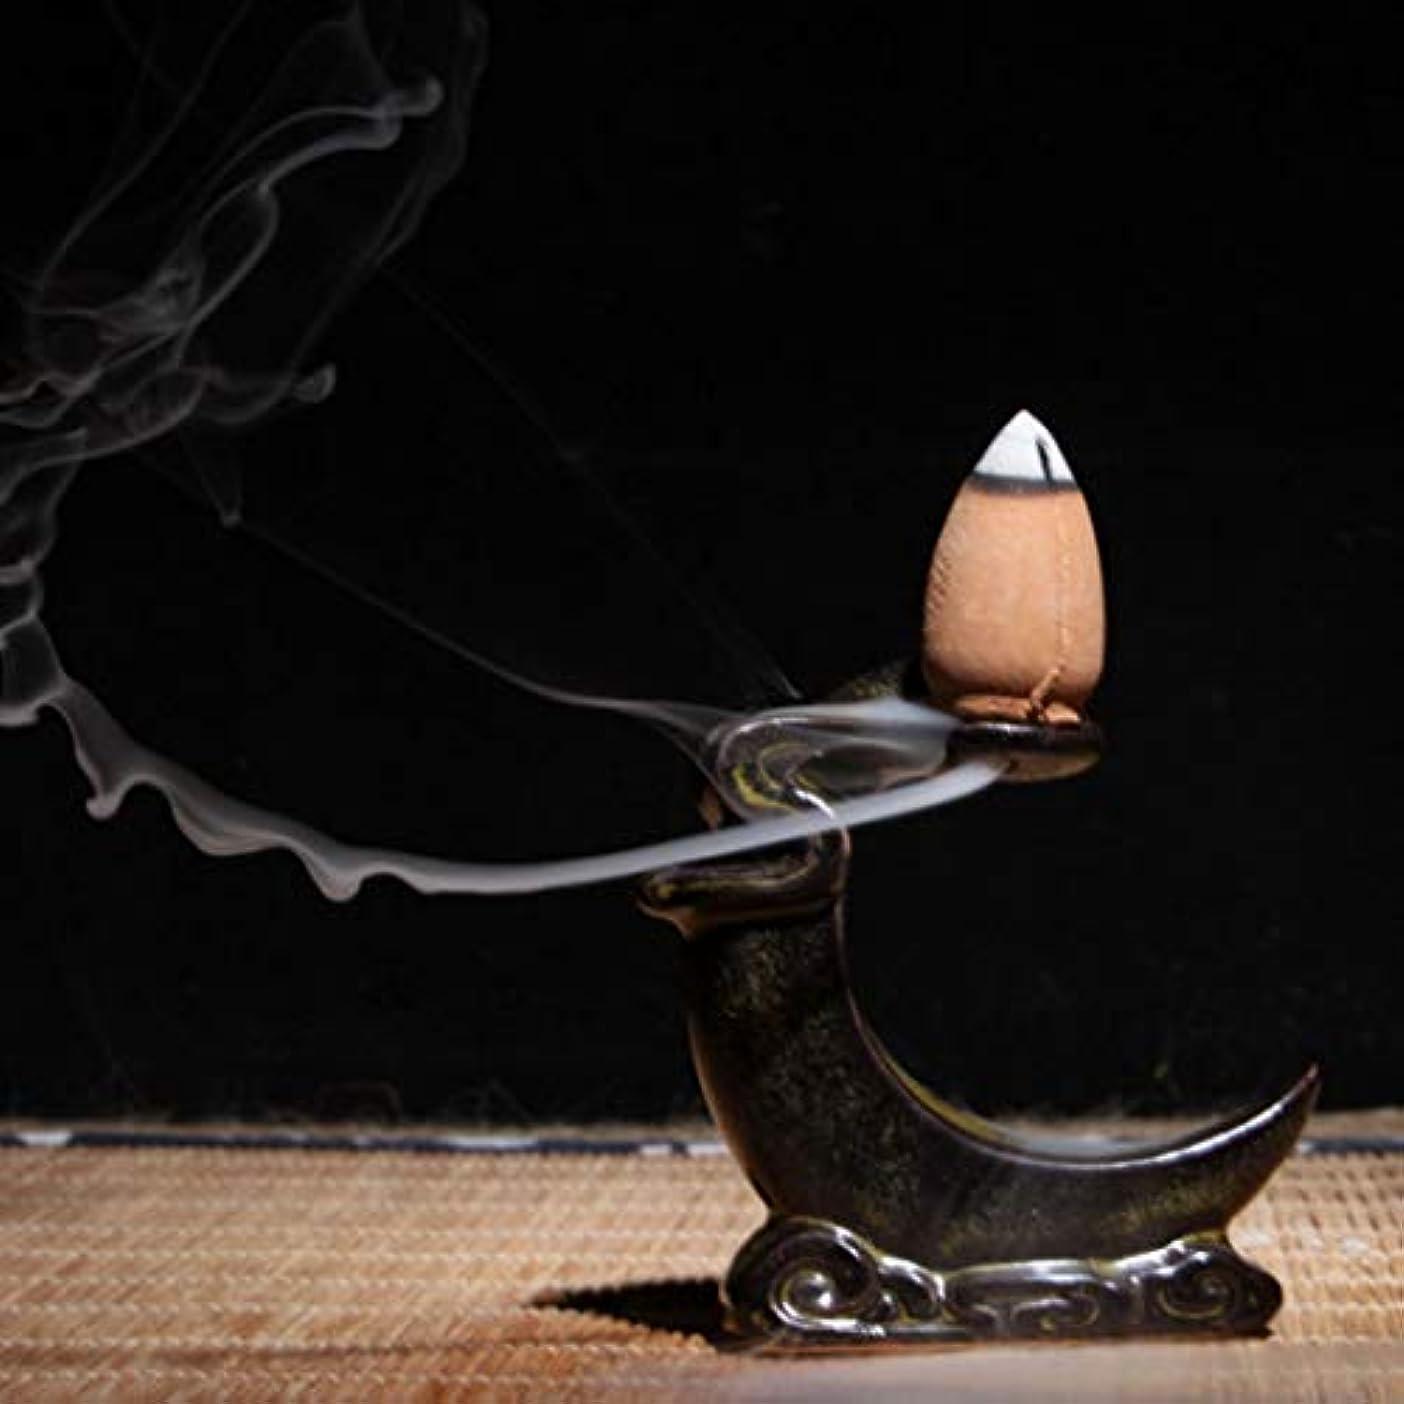 要求する無人ペースWEEFORT ミニセラミック香炉 逆流ブッダ リトルブッダ お香ホルダー 仏教 サンダルウッド コーン 香炉 ホーム用 OneSize b8-e26d-a-18537-3c931-oNesI